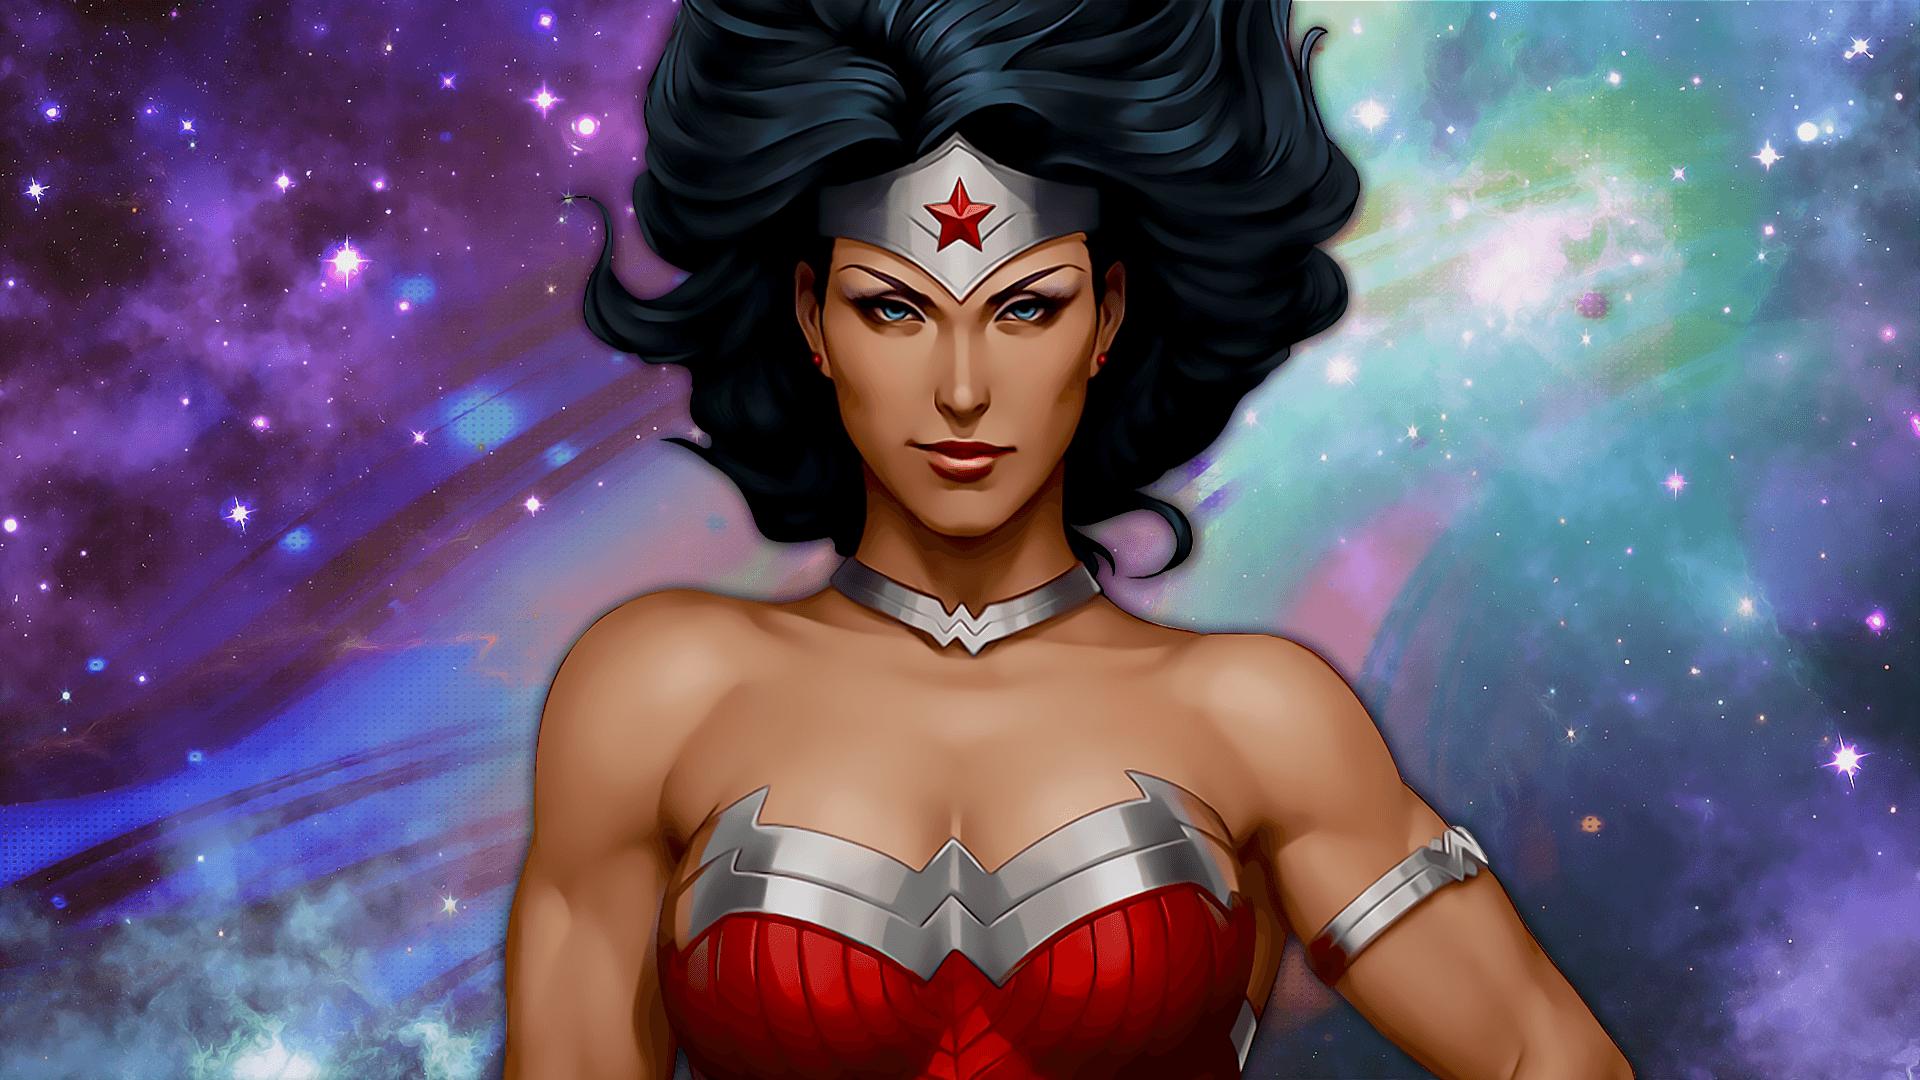 Wonder Woman Wallpaper